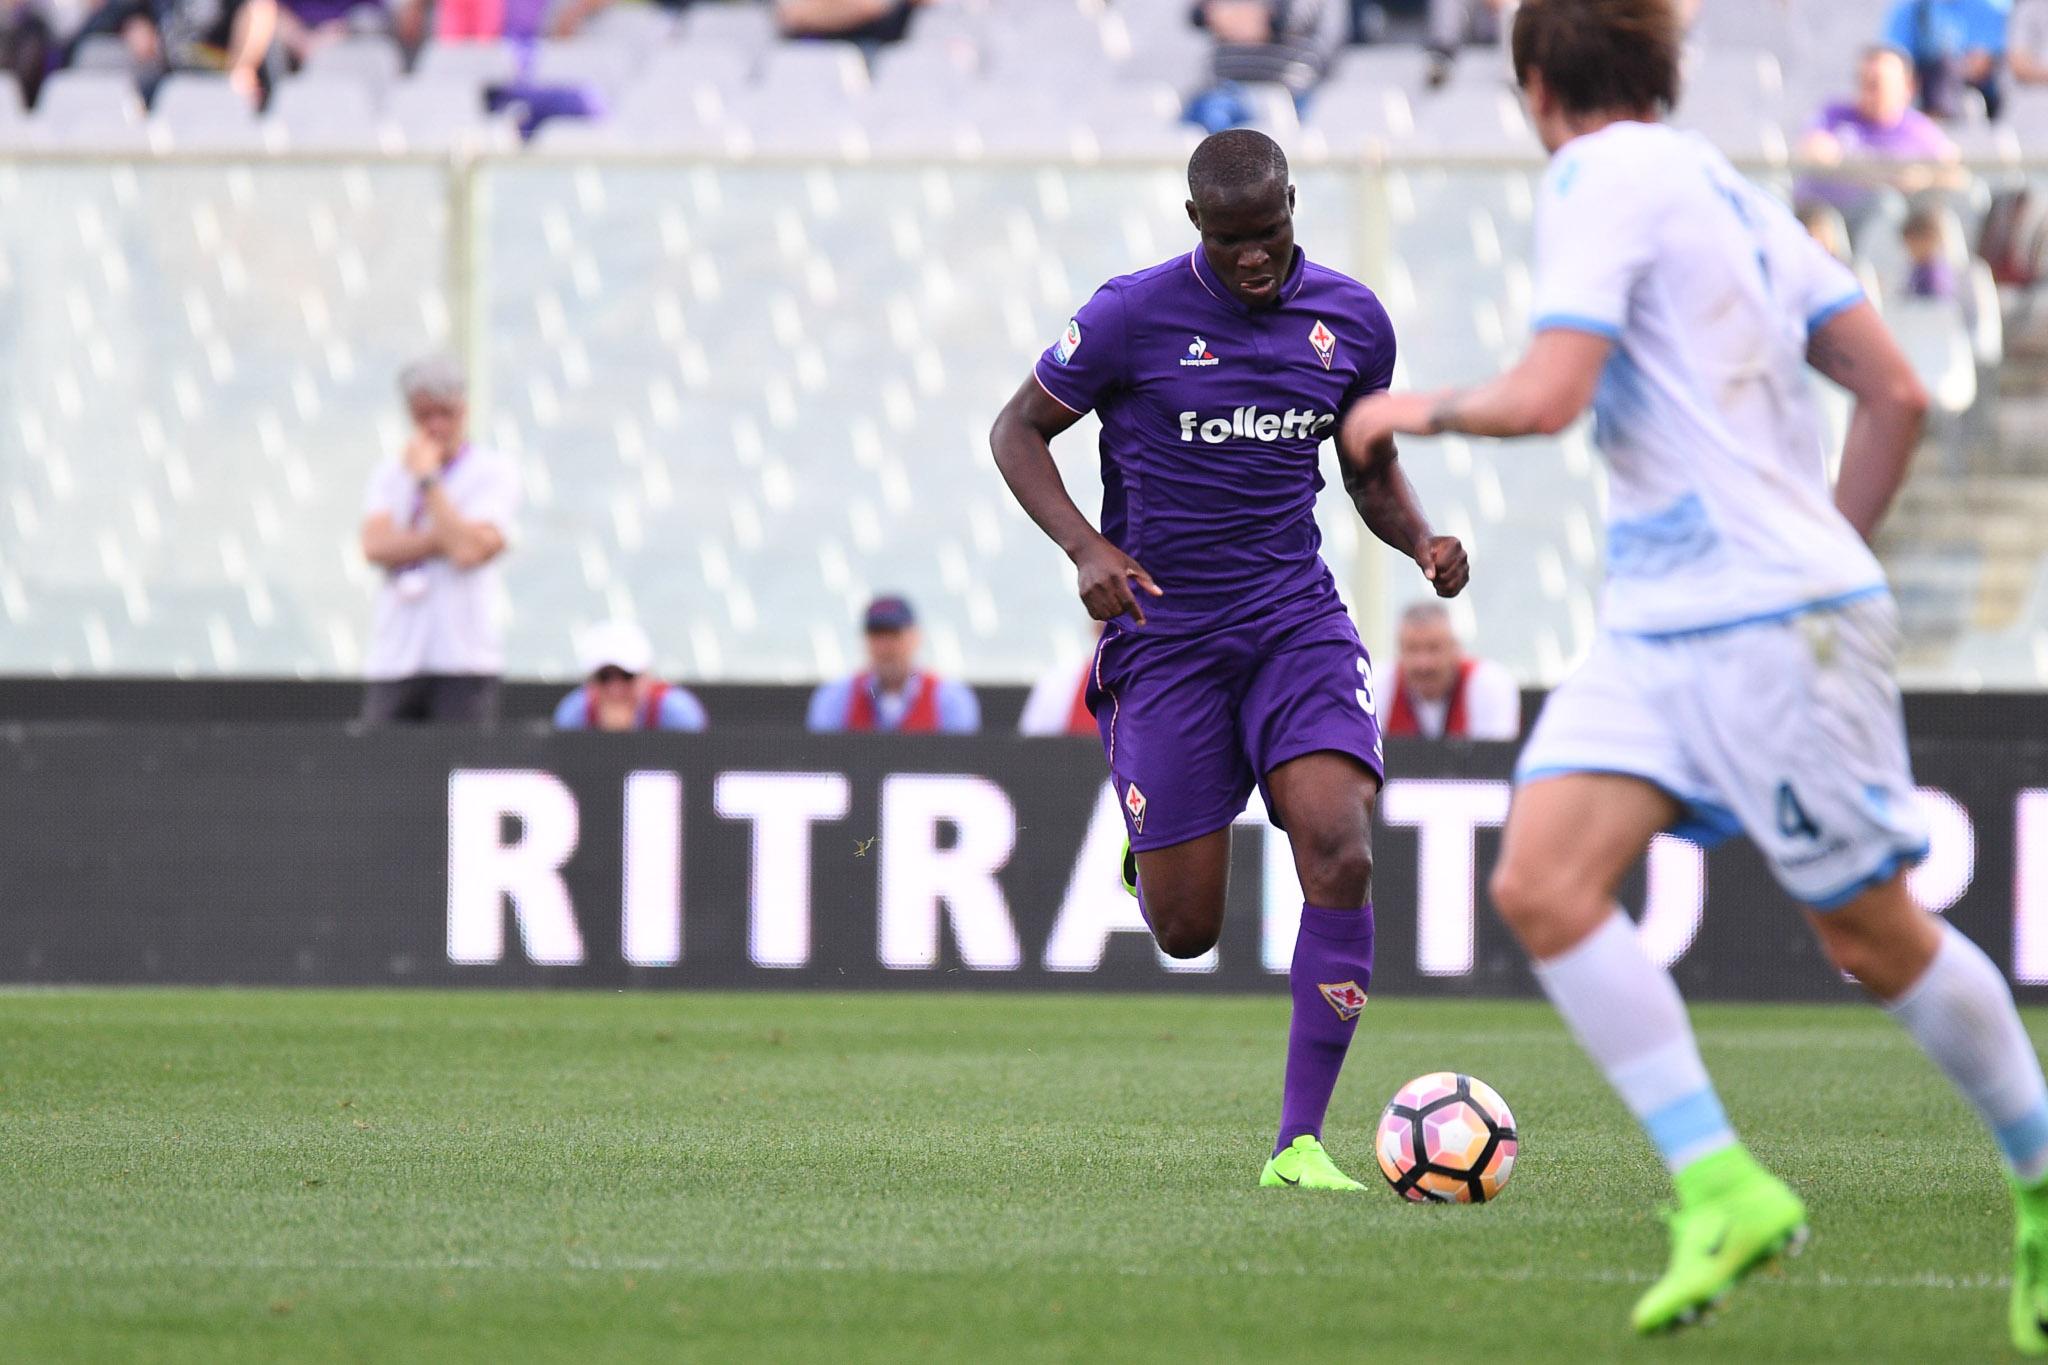 L'Udinese offre 12 milioni per Babacar, Corvino valuta e prende tempo